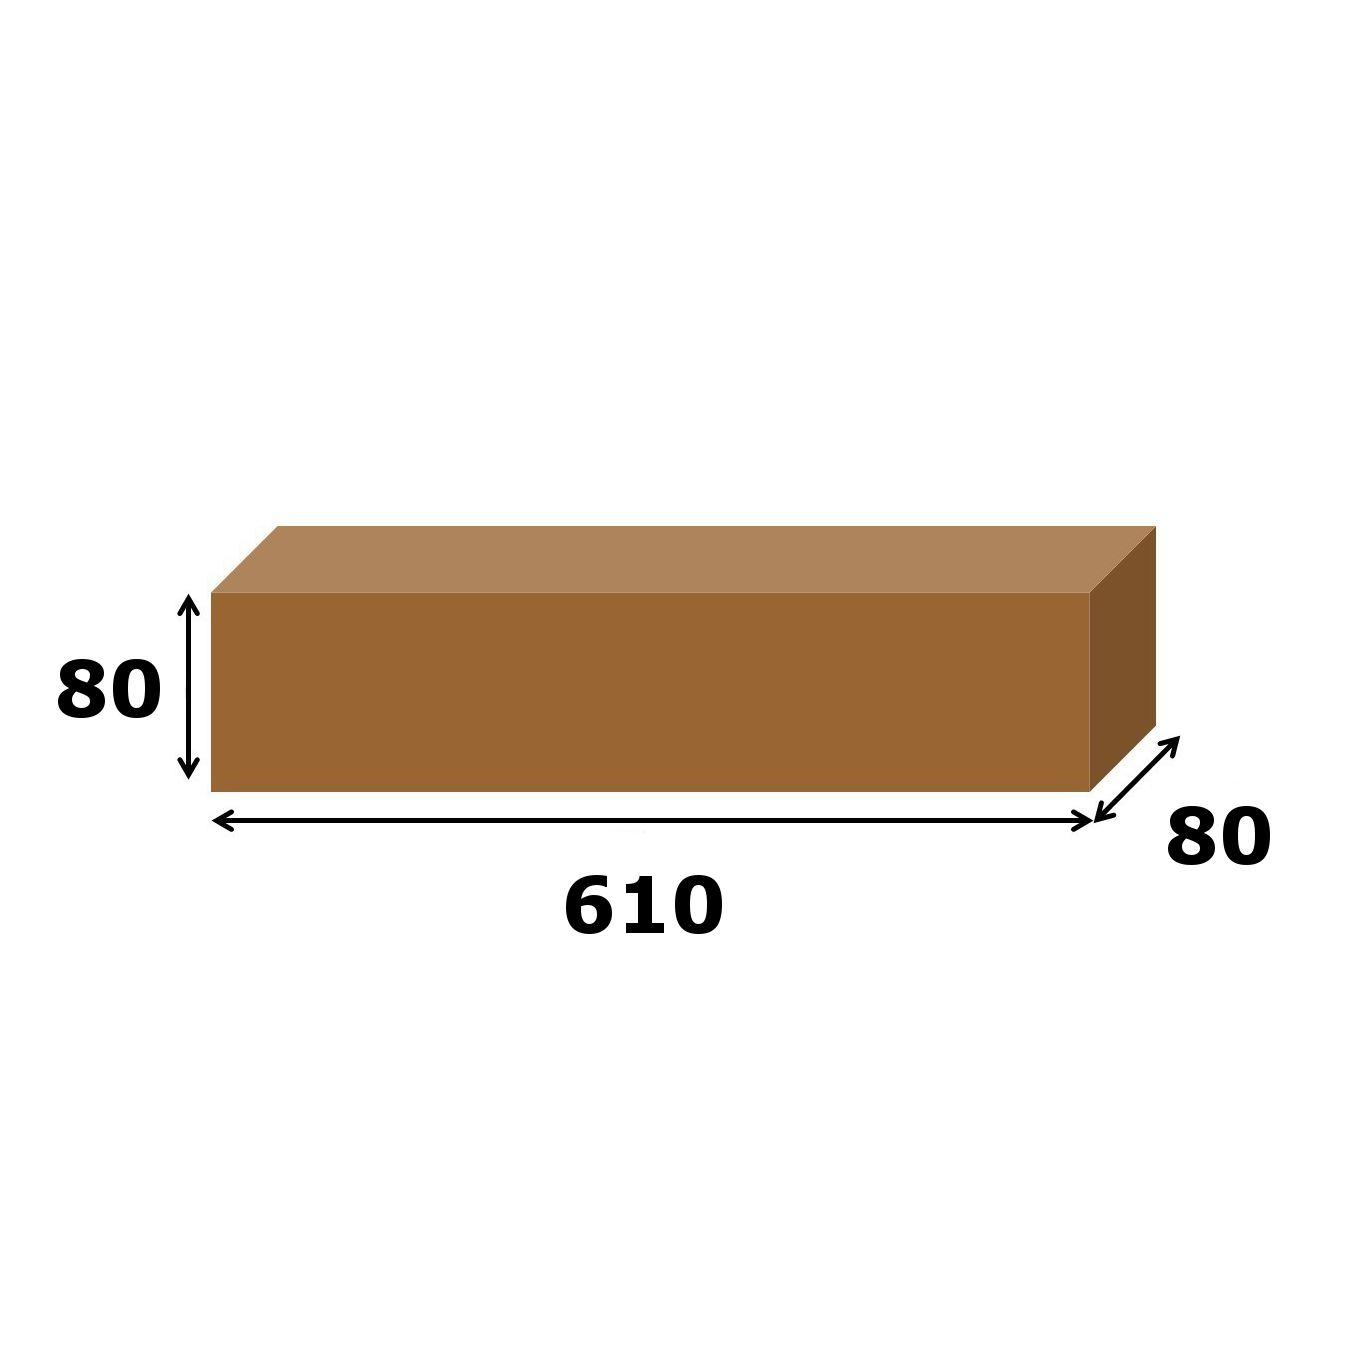 miniatura 5 - Embalaje de cajas de cartón postal de correo Caja de Envío Marrón todos los tamaños